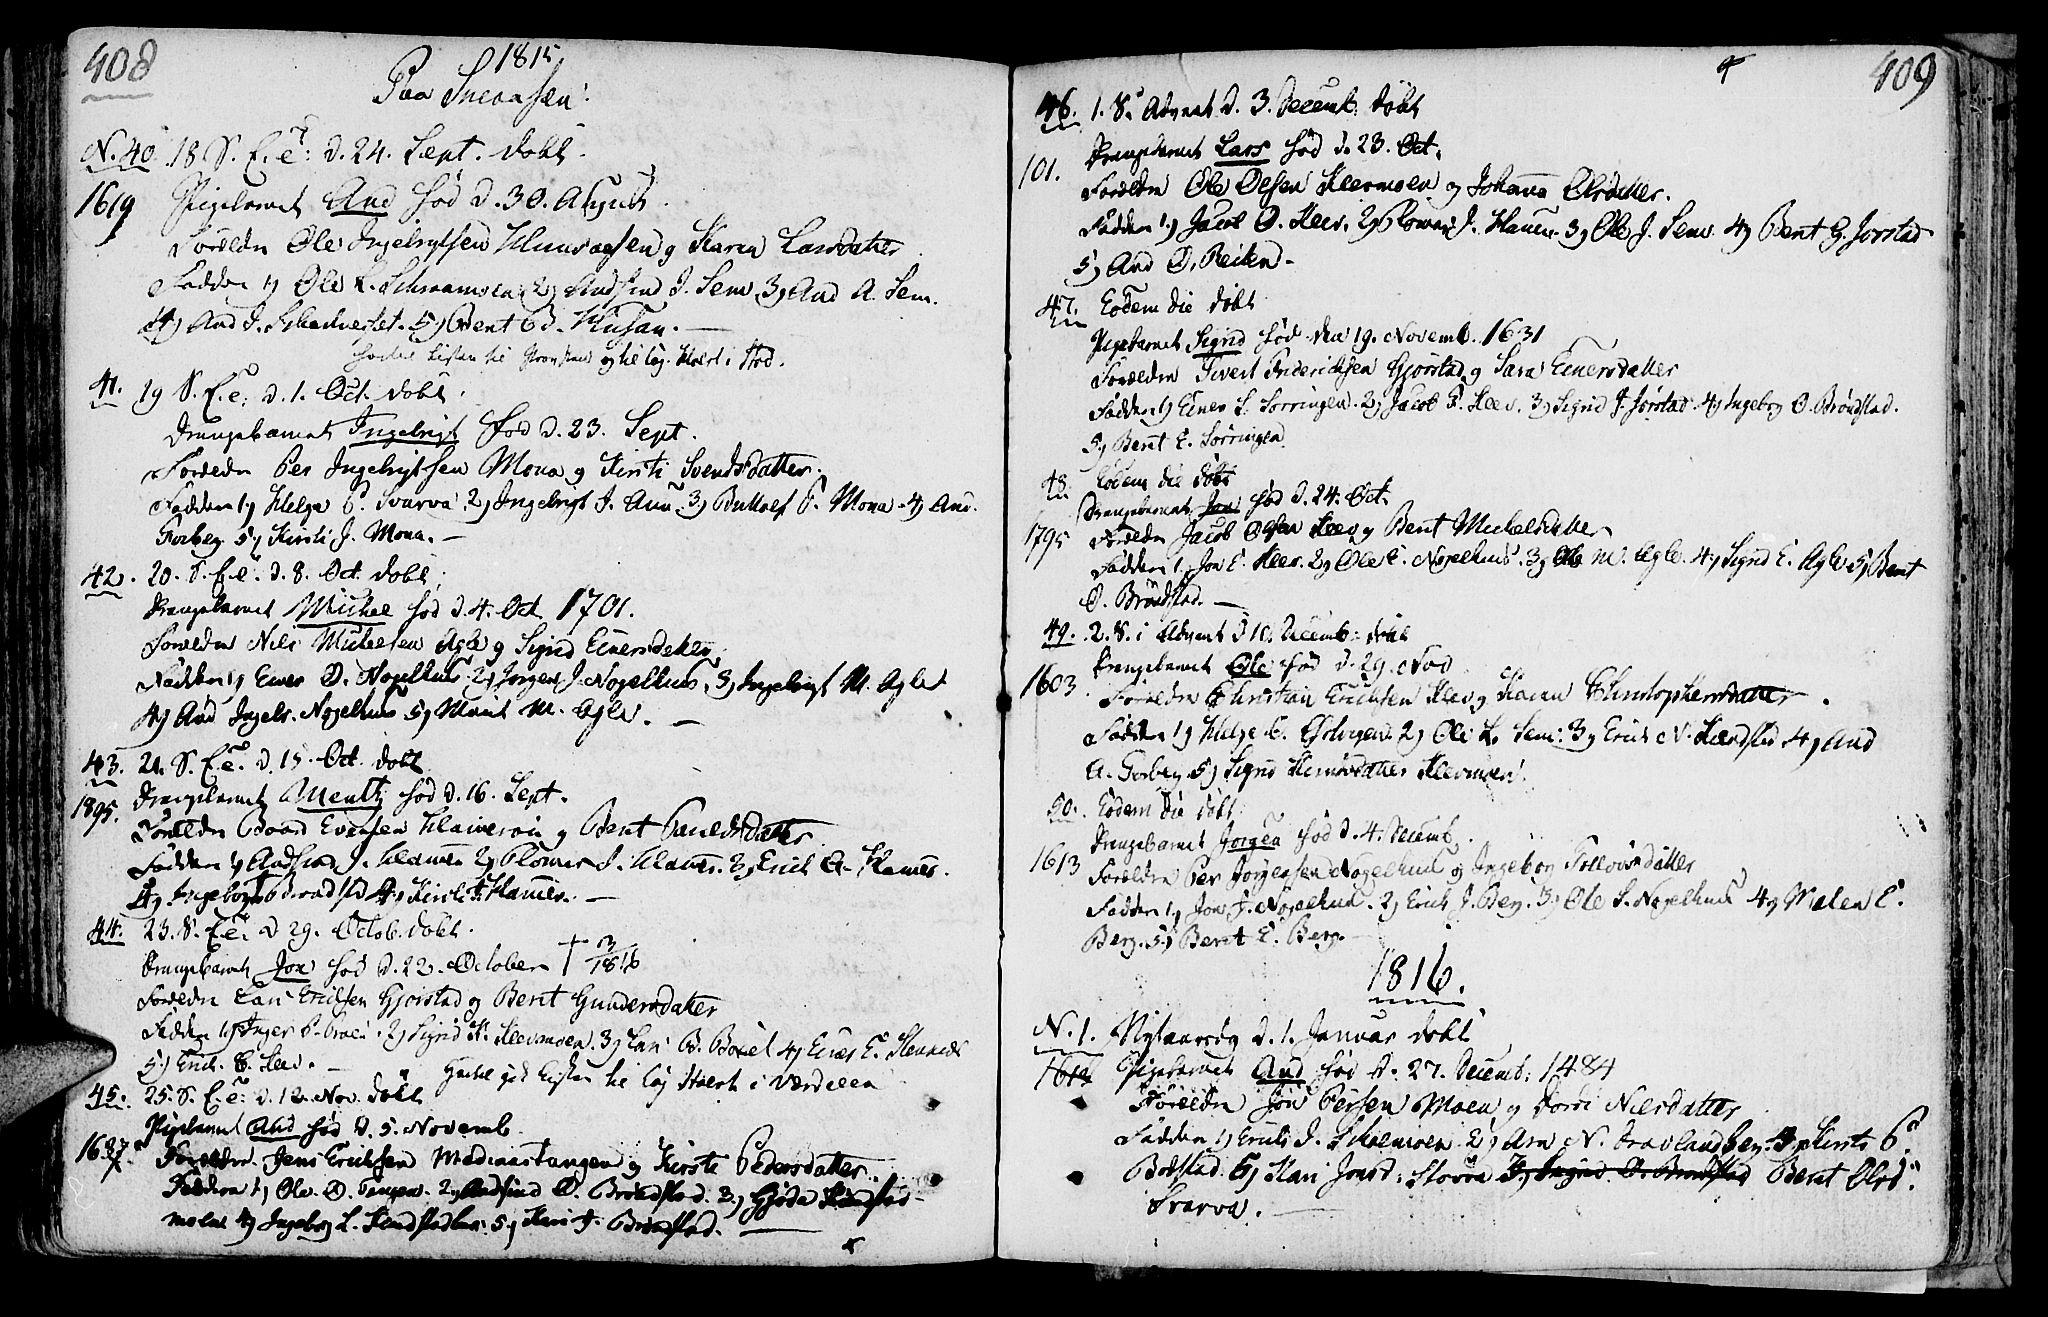 SAT, Ministerialprotokoller, klokkerbøker og fødselsregistre - Nord-Trøndelag, 749/L0468: Ministerialbok nr. 749A02, 1787-1817, s. 408-409